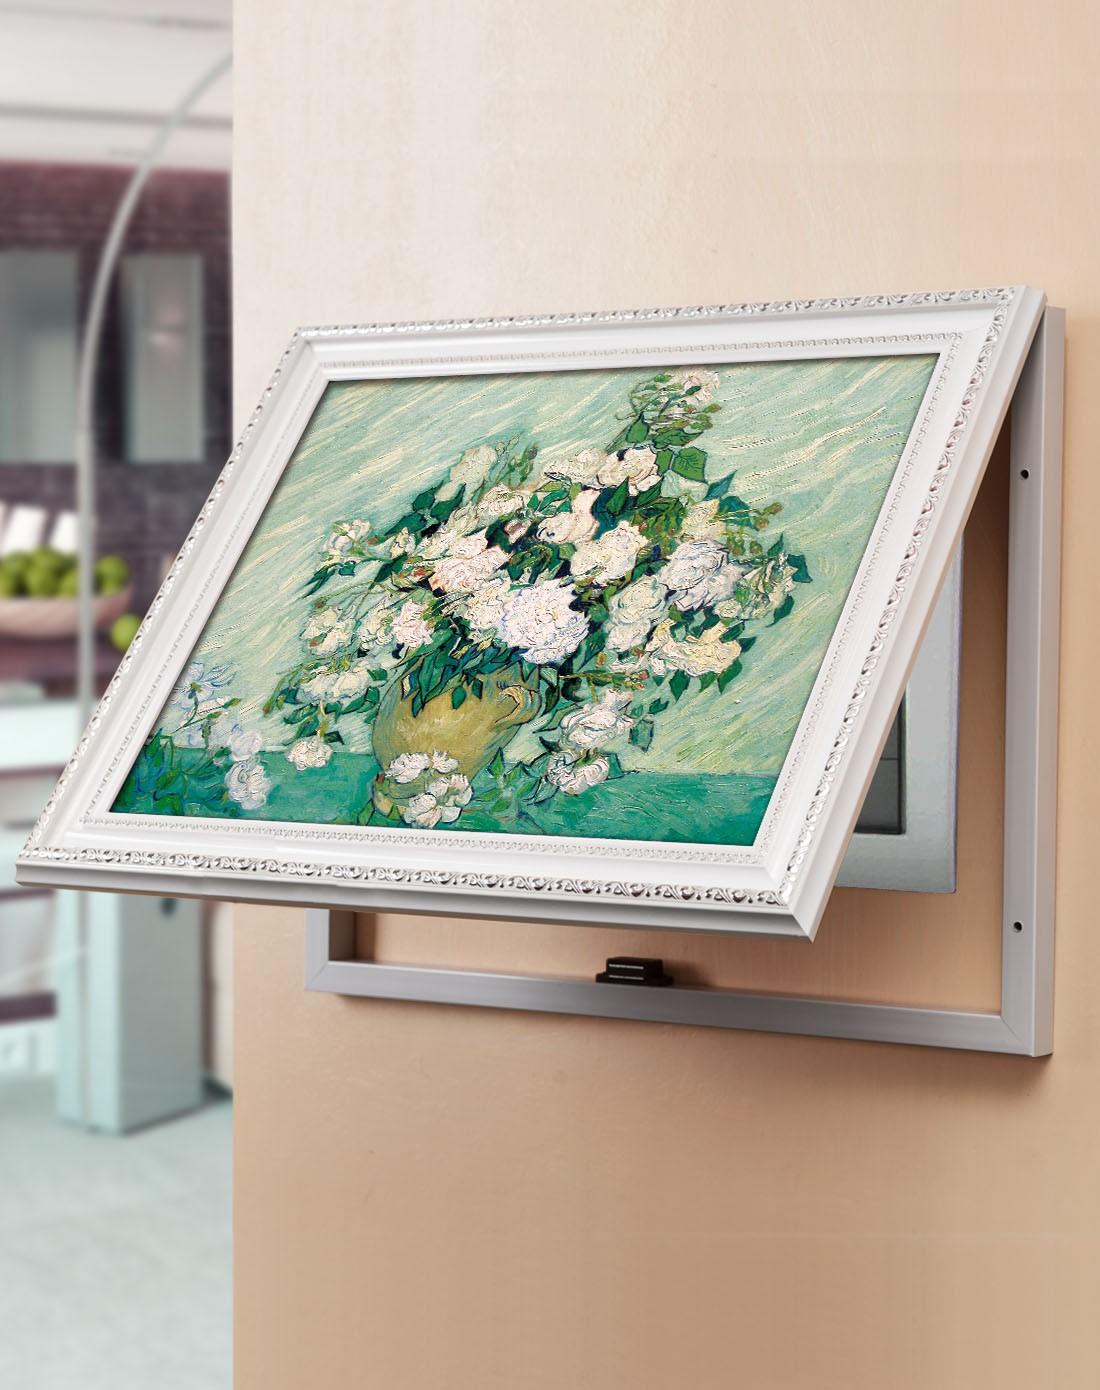 柠檬树家居装饰专场掀盖电表箱装饰画 梵高白玫瑰k11